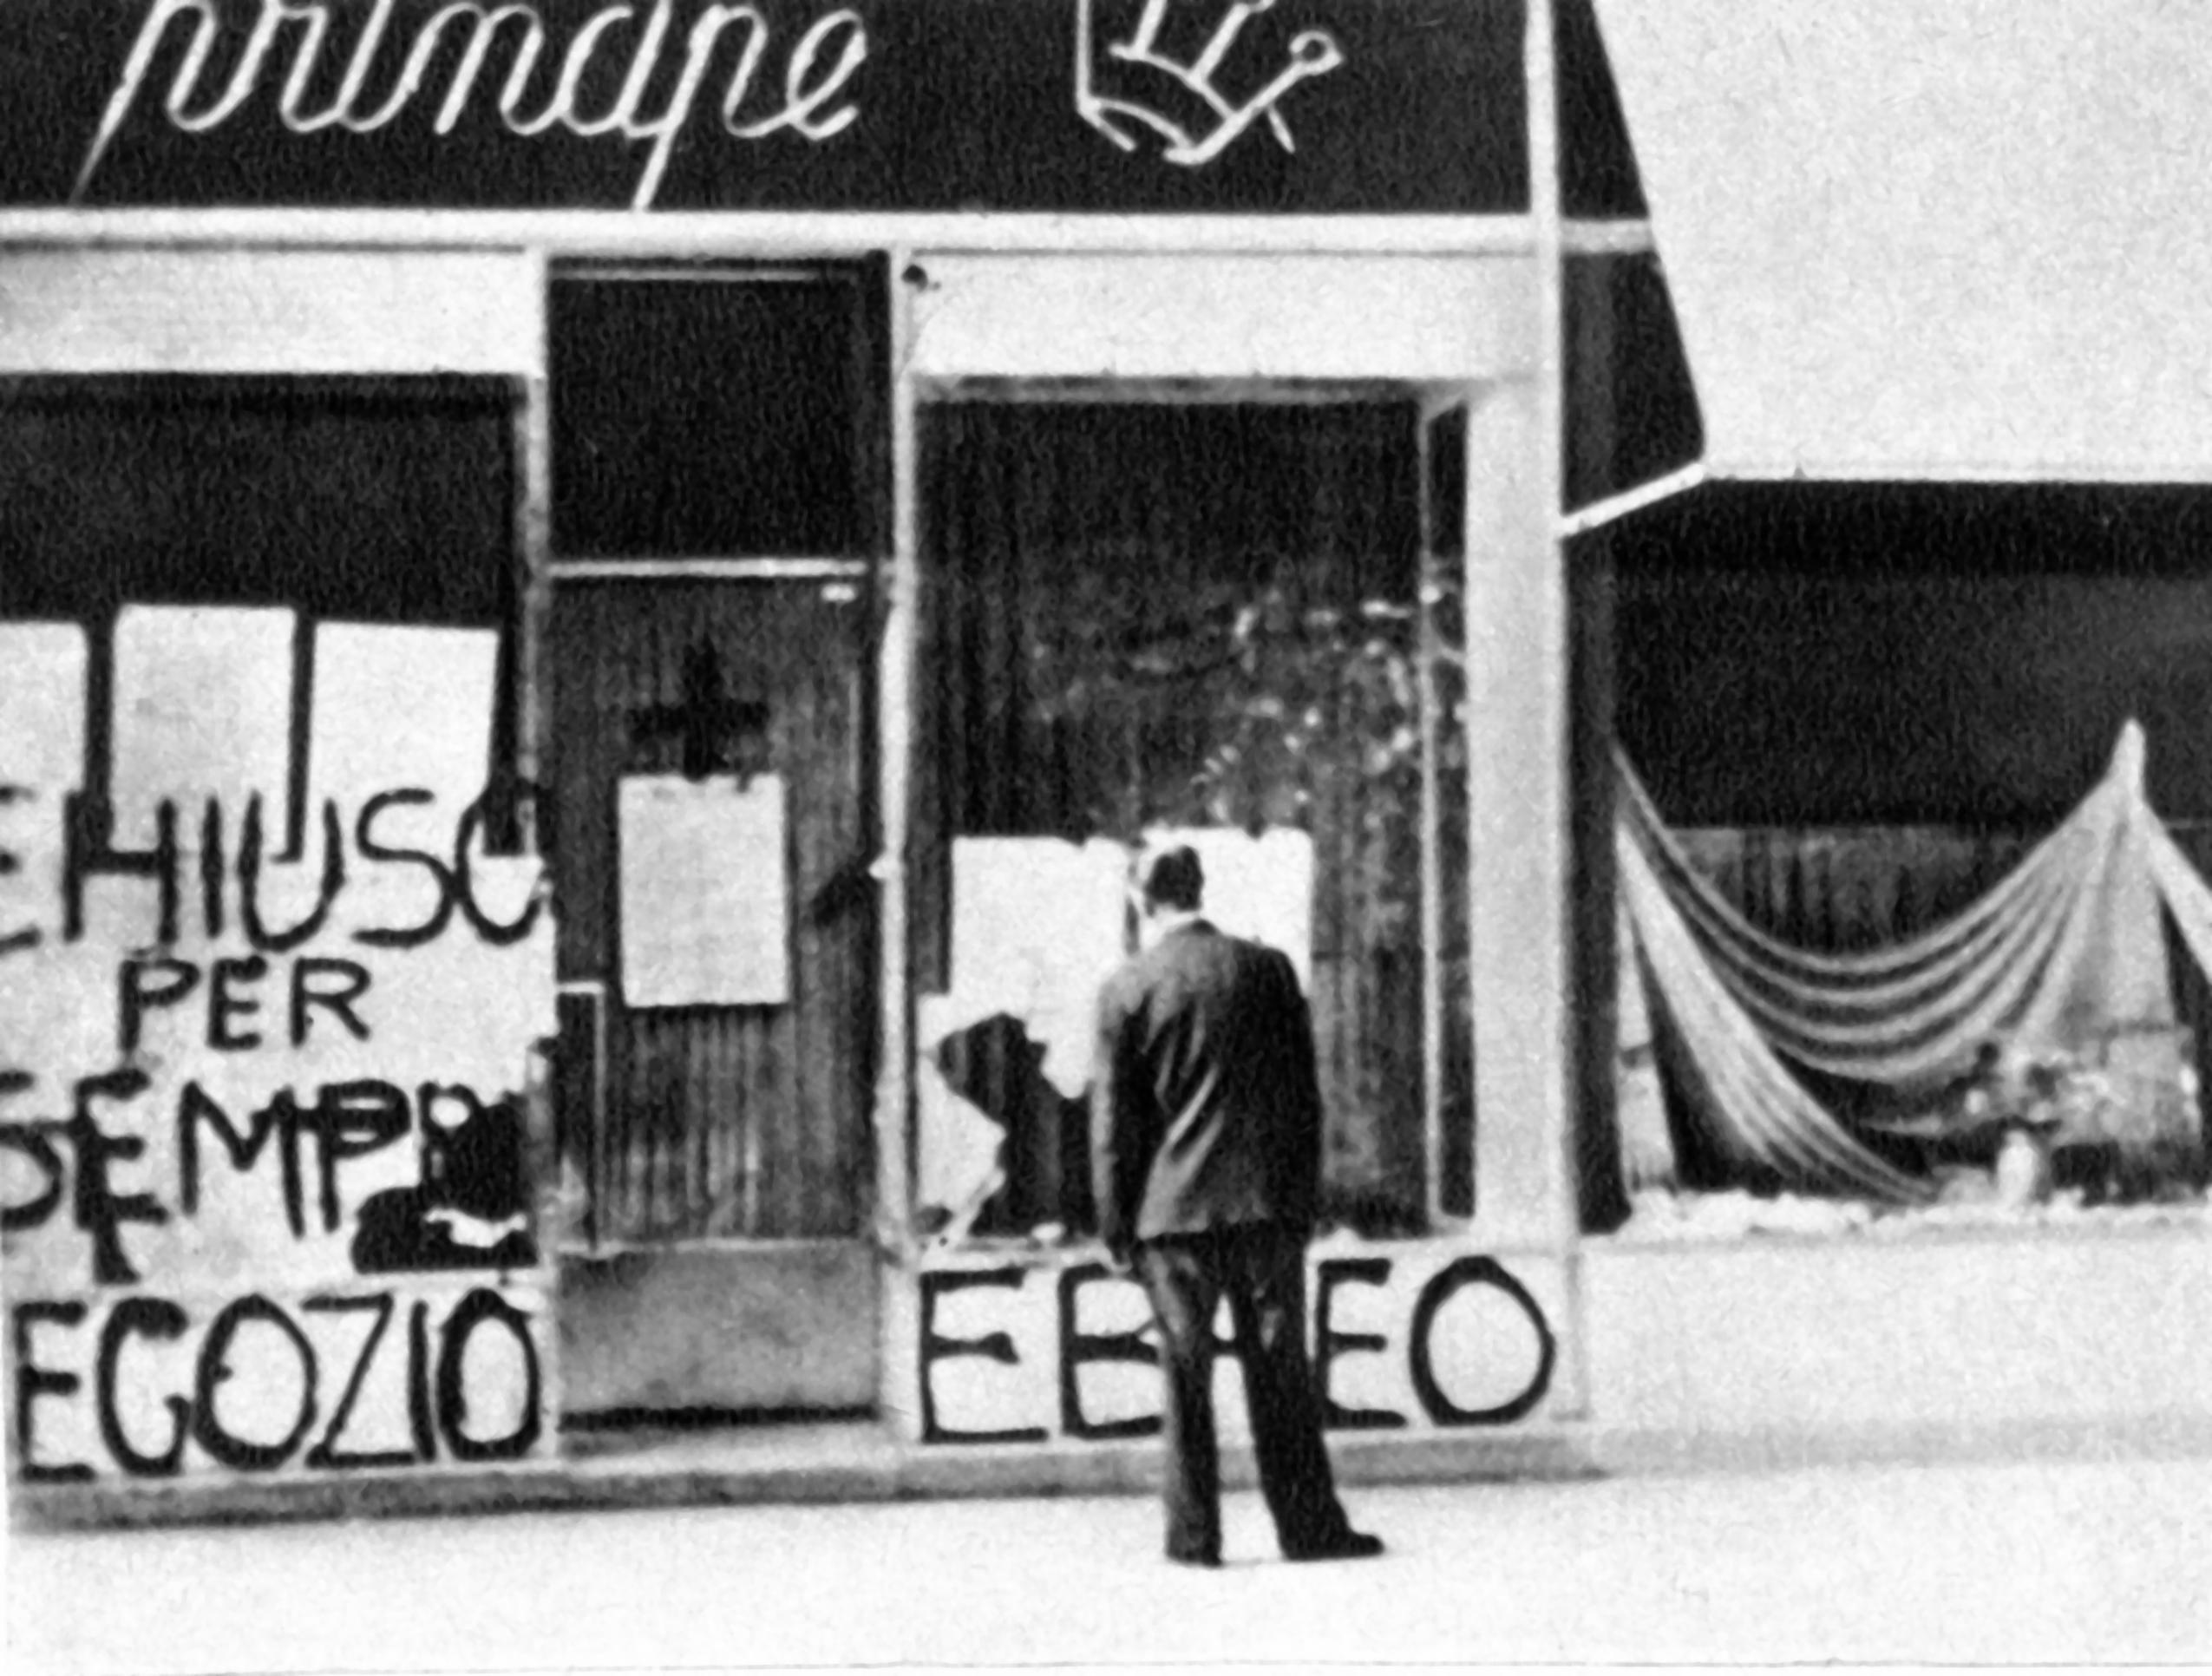 Italia, 1942. Un negozio appartenente a esercenti ebrei è stato chiuso per gli effetti dei provvedimenti antisemiti. Dalle leggi razziali alla Shoah